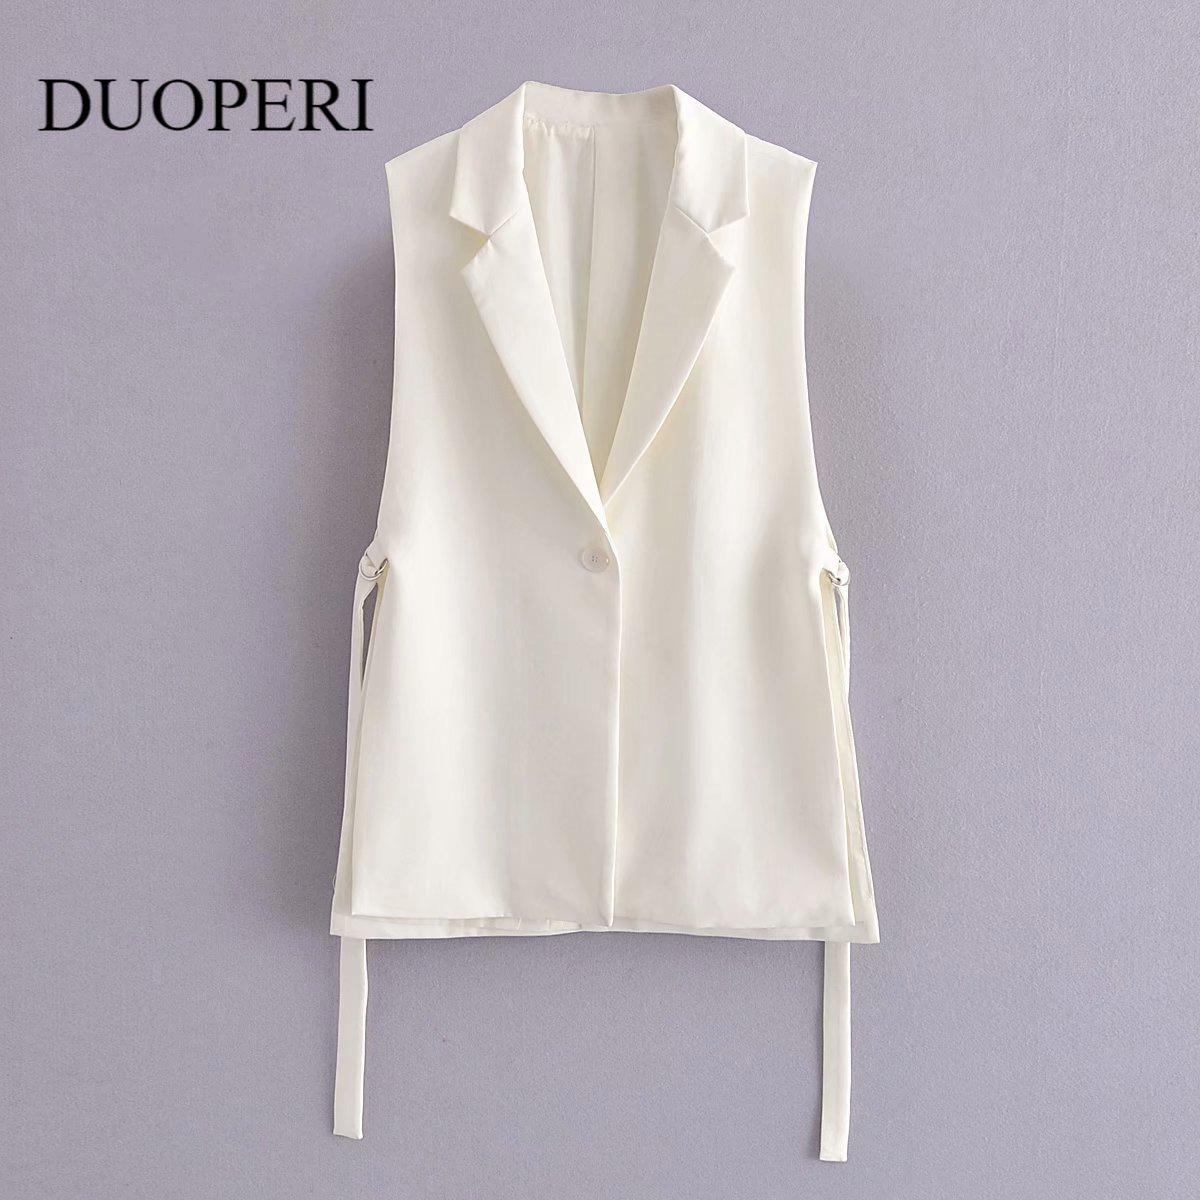 2021 Jacket Women Blazer Gilet Sleeveless Vest Fashion Casual Streetwear za Woman Waistcoat Tops veste femme